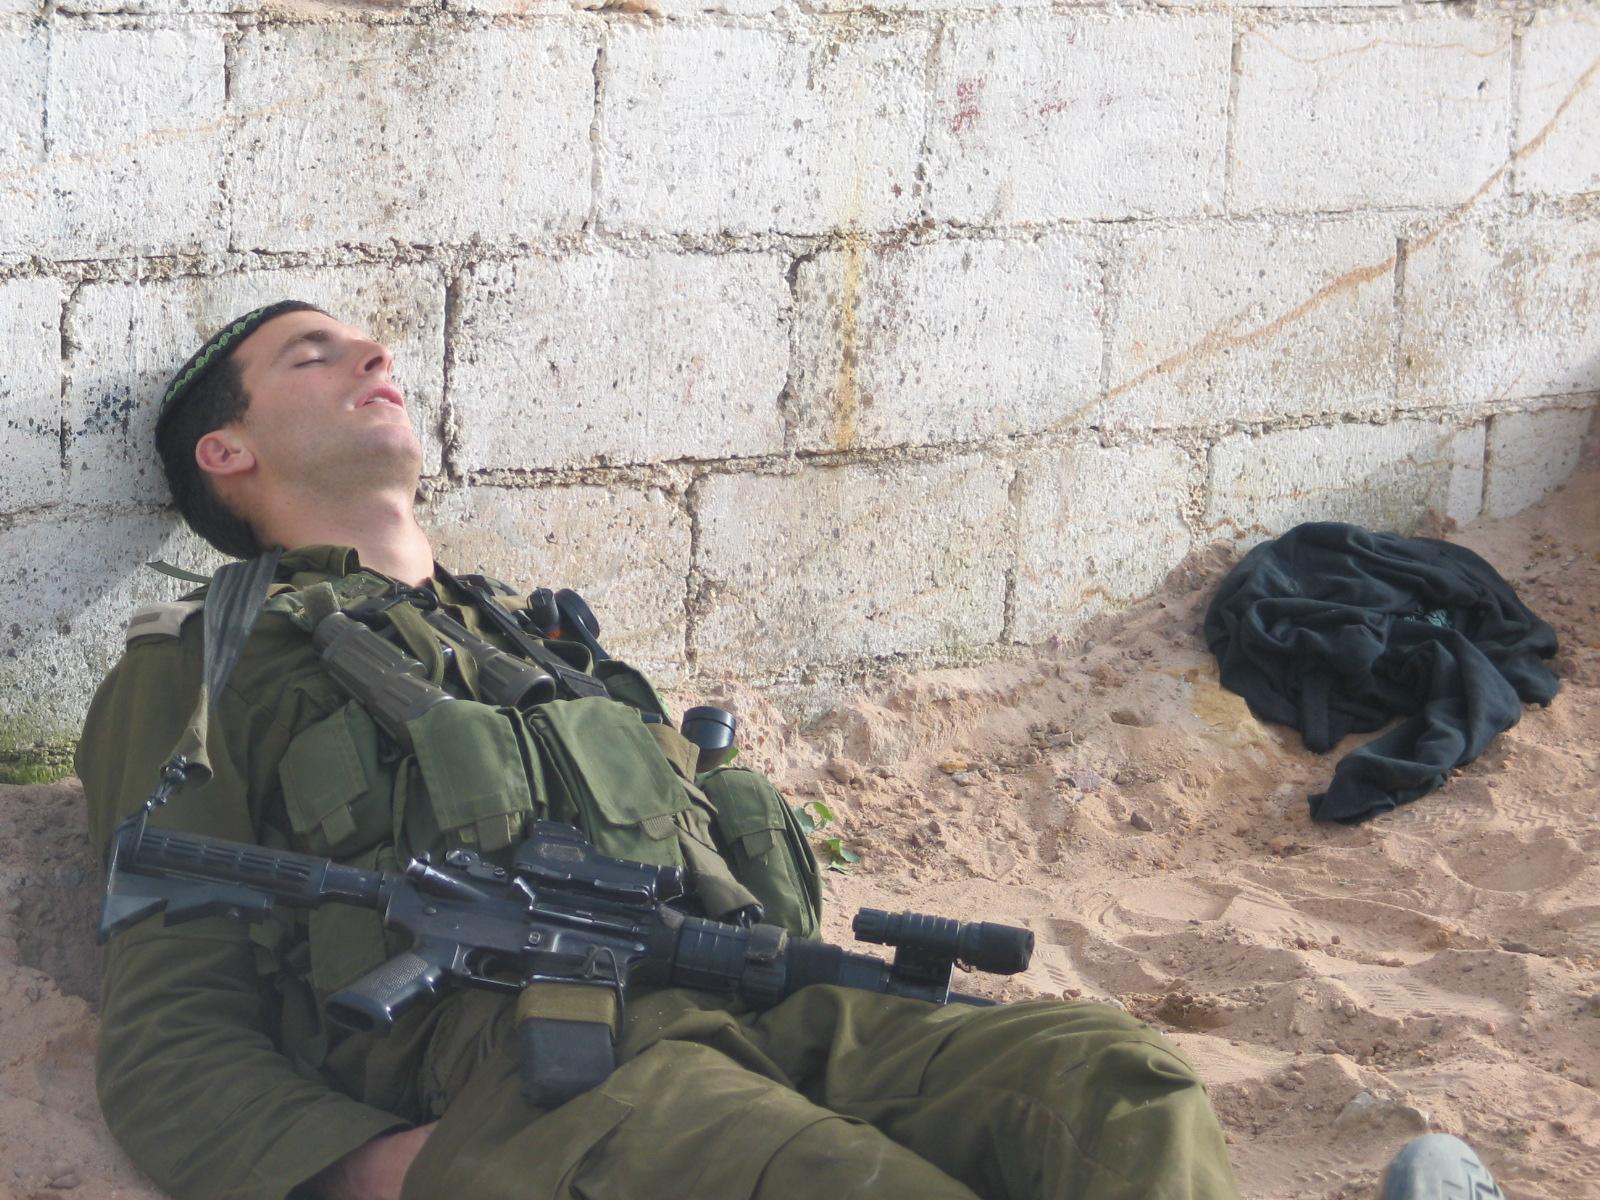 מנוחת הקצין הלוחם